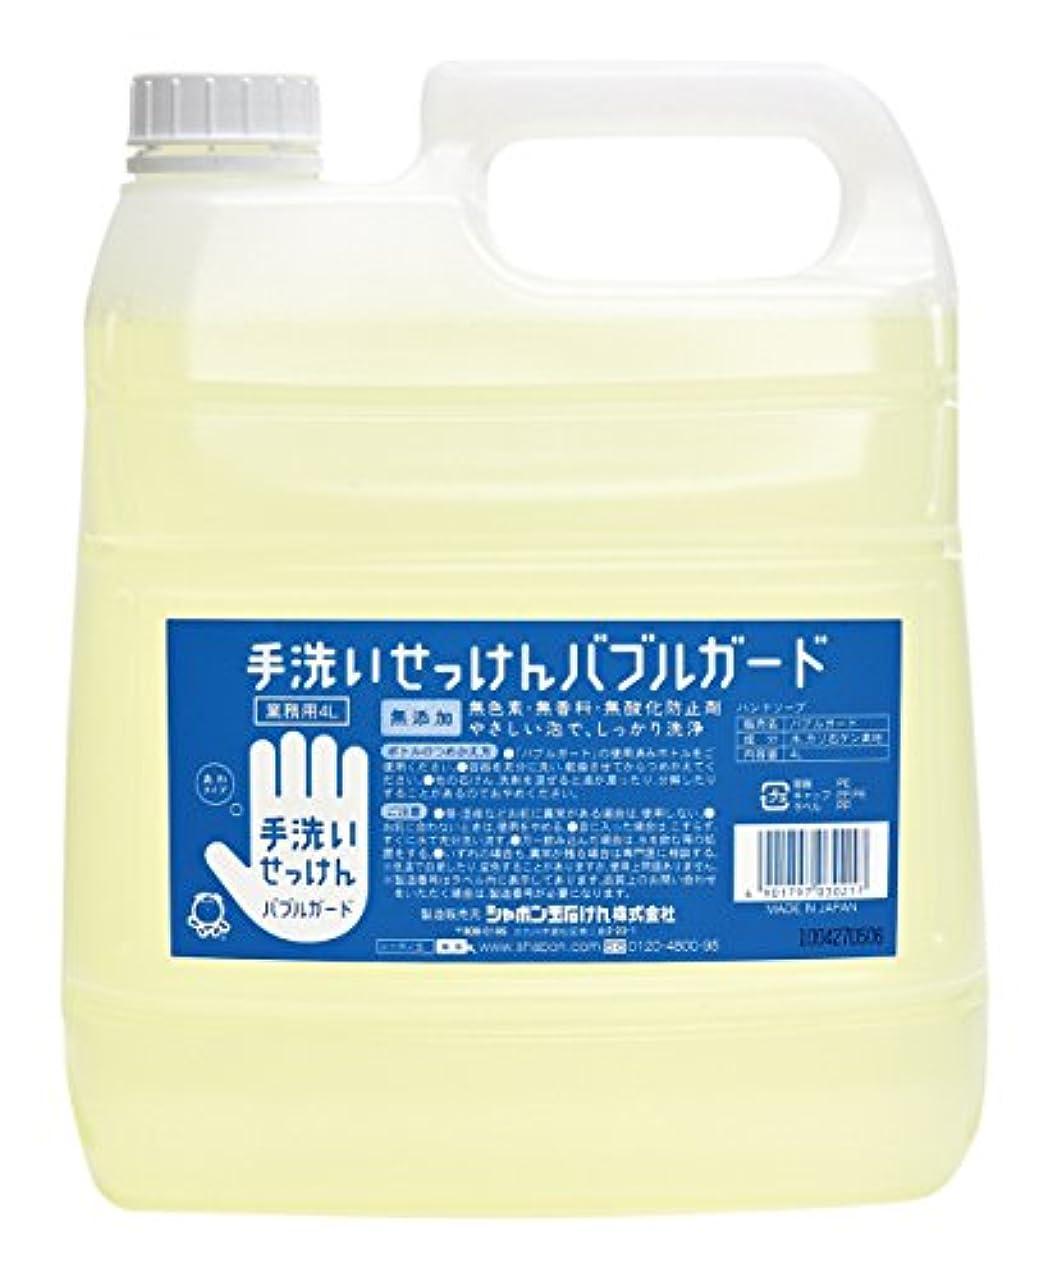 儀式荒廃する可決【大容量】 シャボン玉 バブルガード 業務用 4L